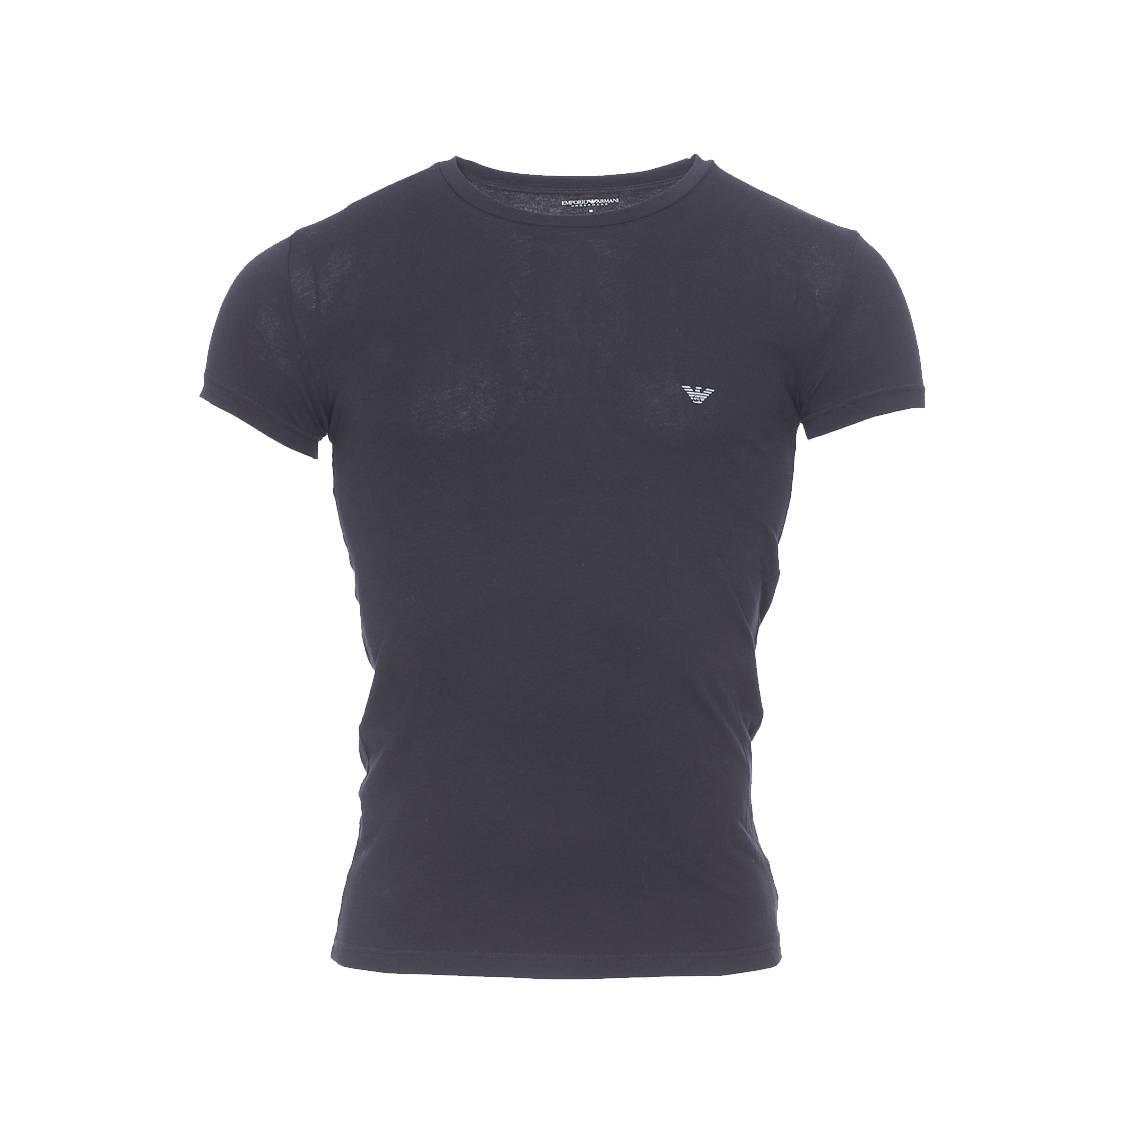 Tee-shirt col rond  en coton stretch noir, logo ea à motifs nid d\'abeille argenté au dos